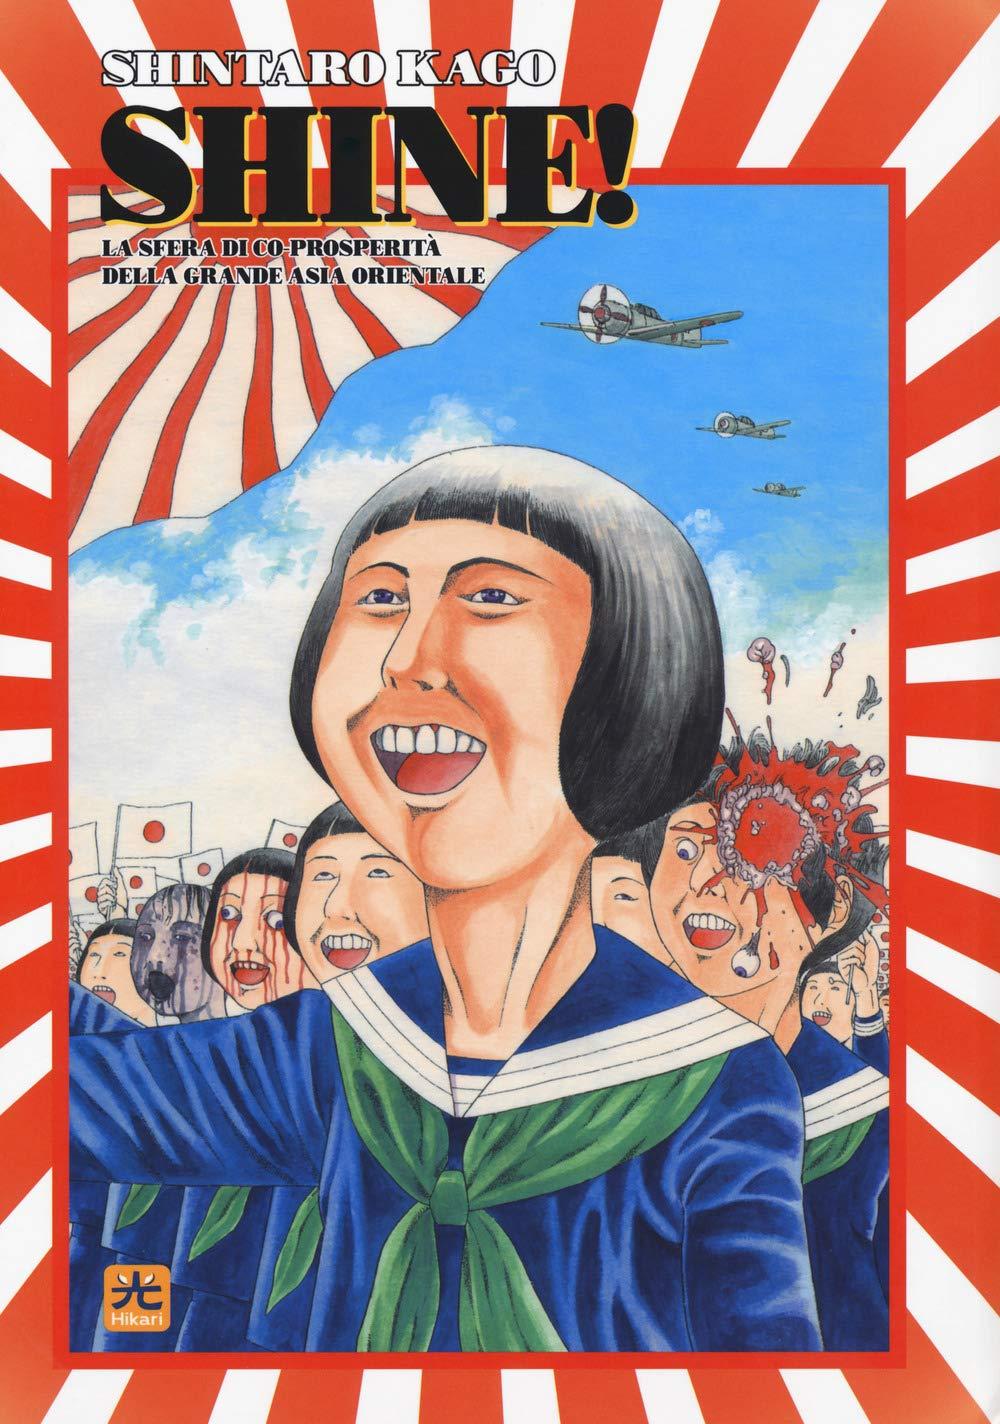 Shine! La sfera di co-prosperità della grande Asia Copertina flessibile – 27 set 2018 Shintaro Kago J. Scassa 001 Edizioni 8871820363